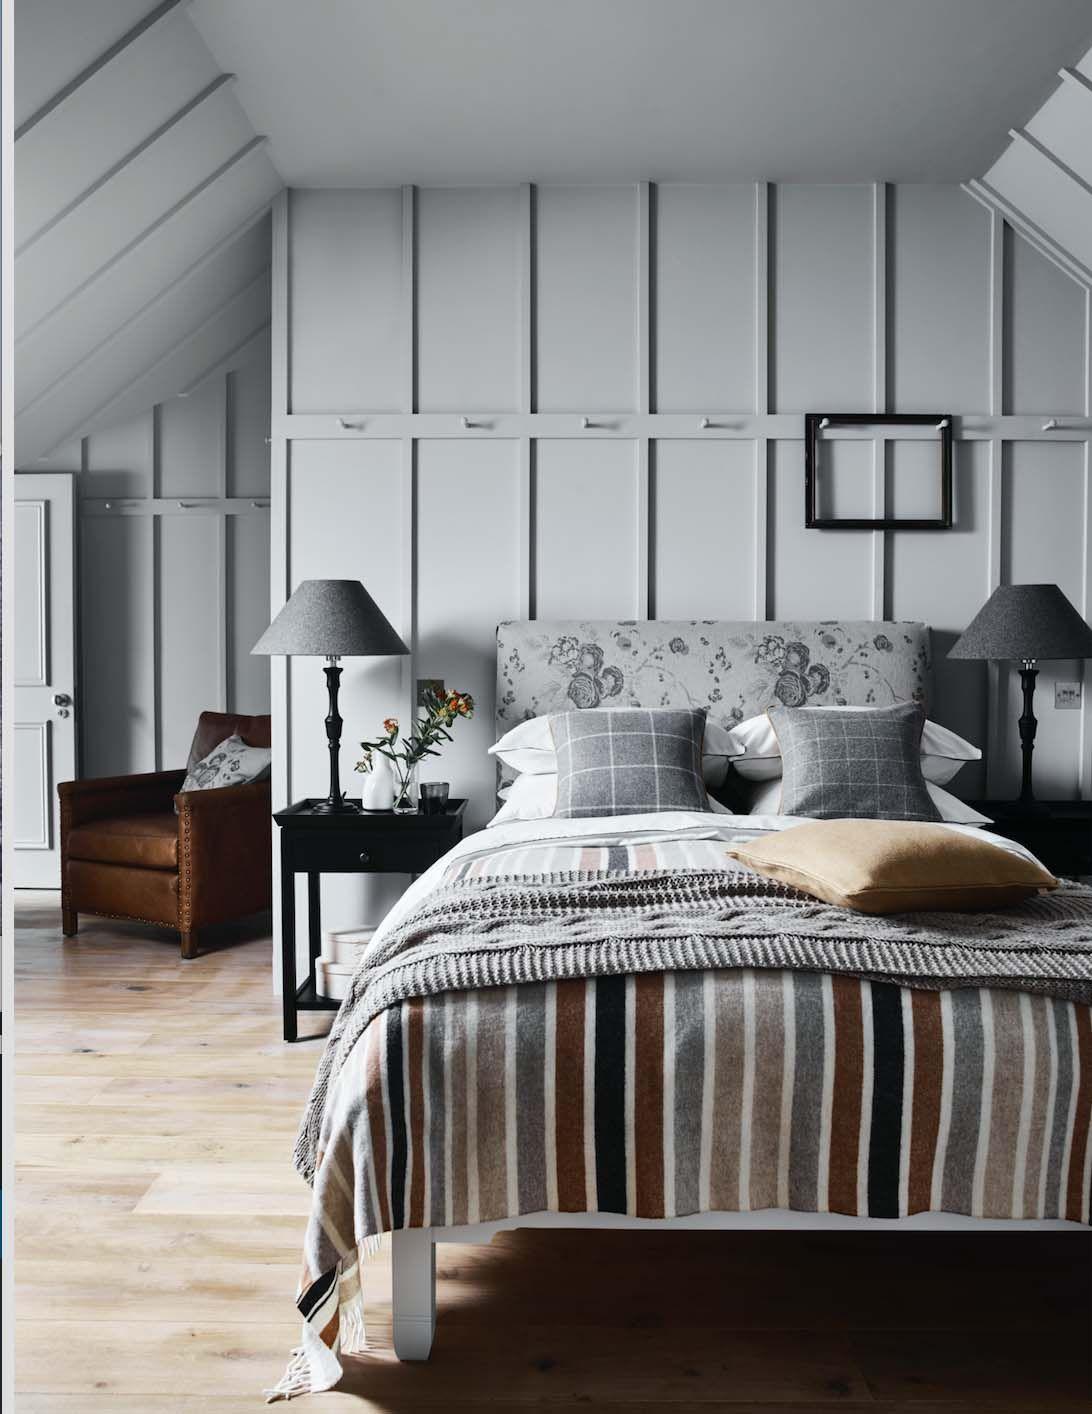 Wohndesign schlafzimmer farben petra gedat gedat on pinterest